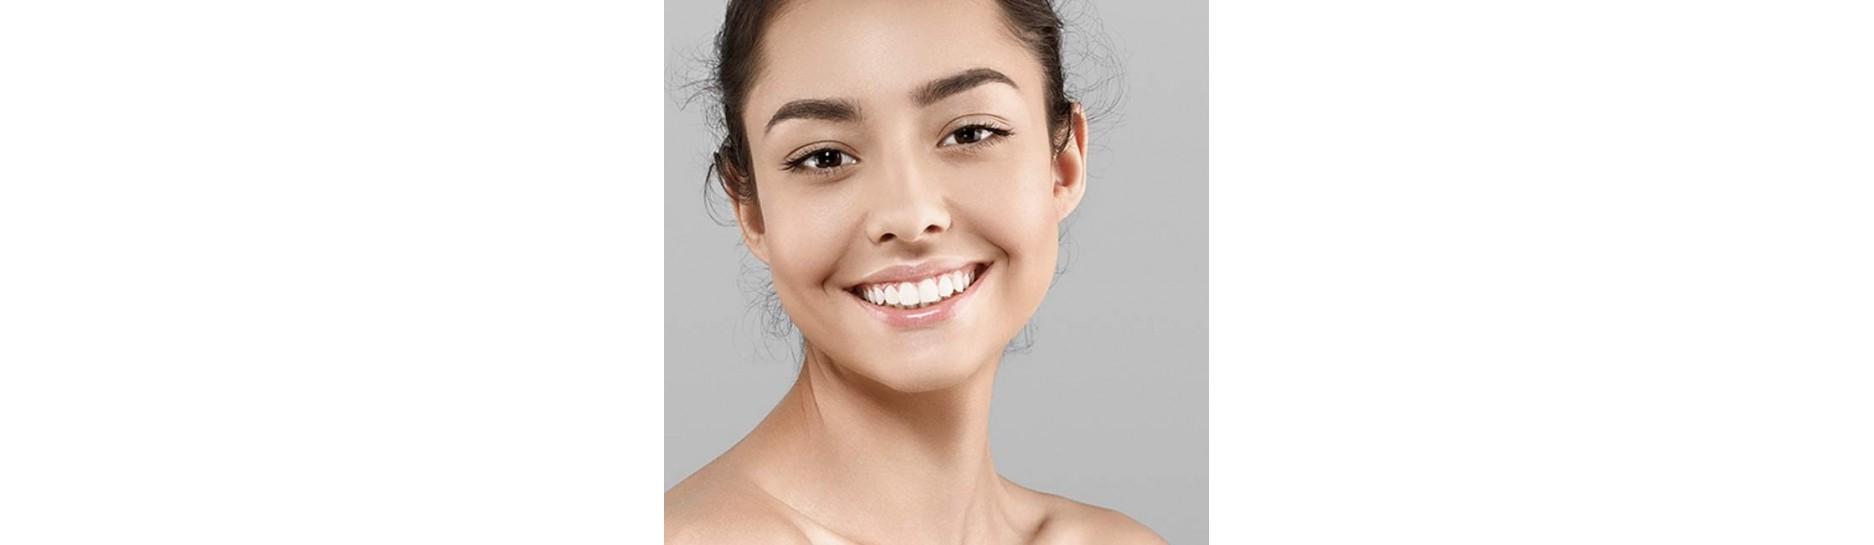 Cosmetici naturali per viso e labbra